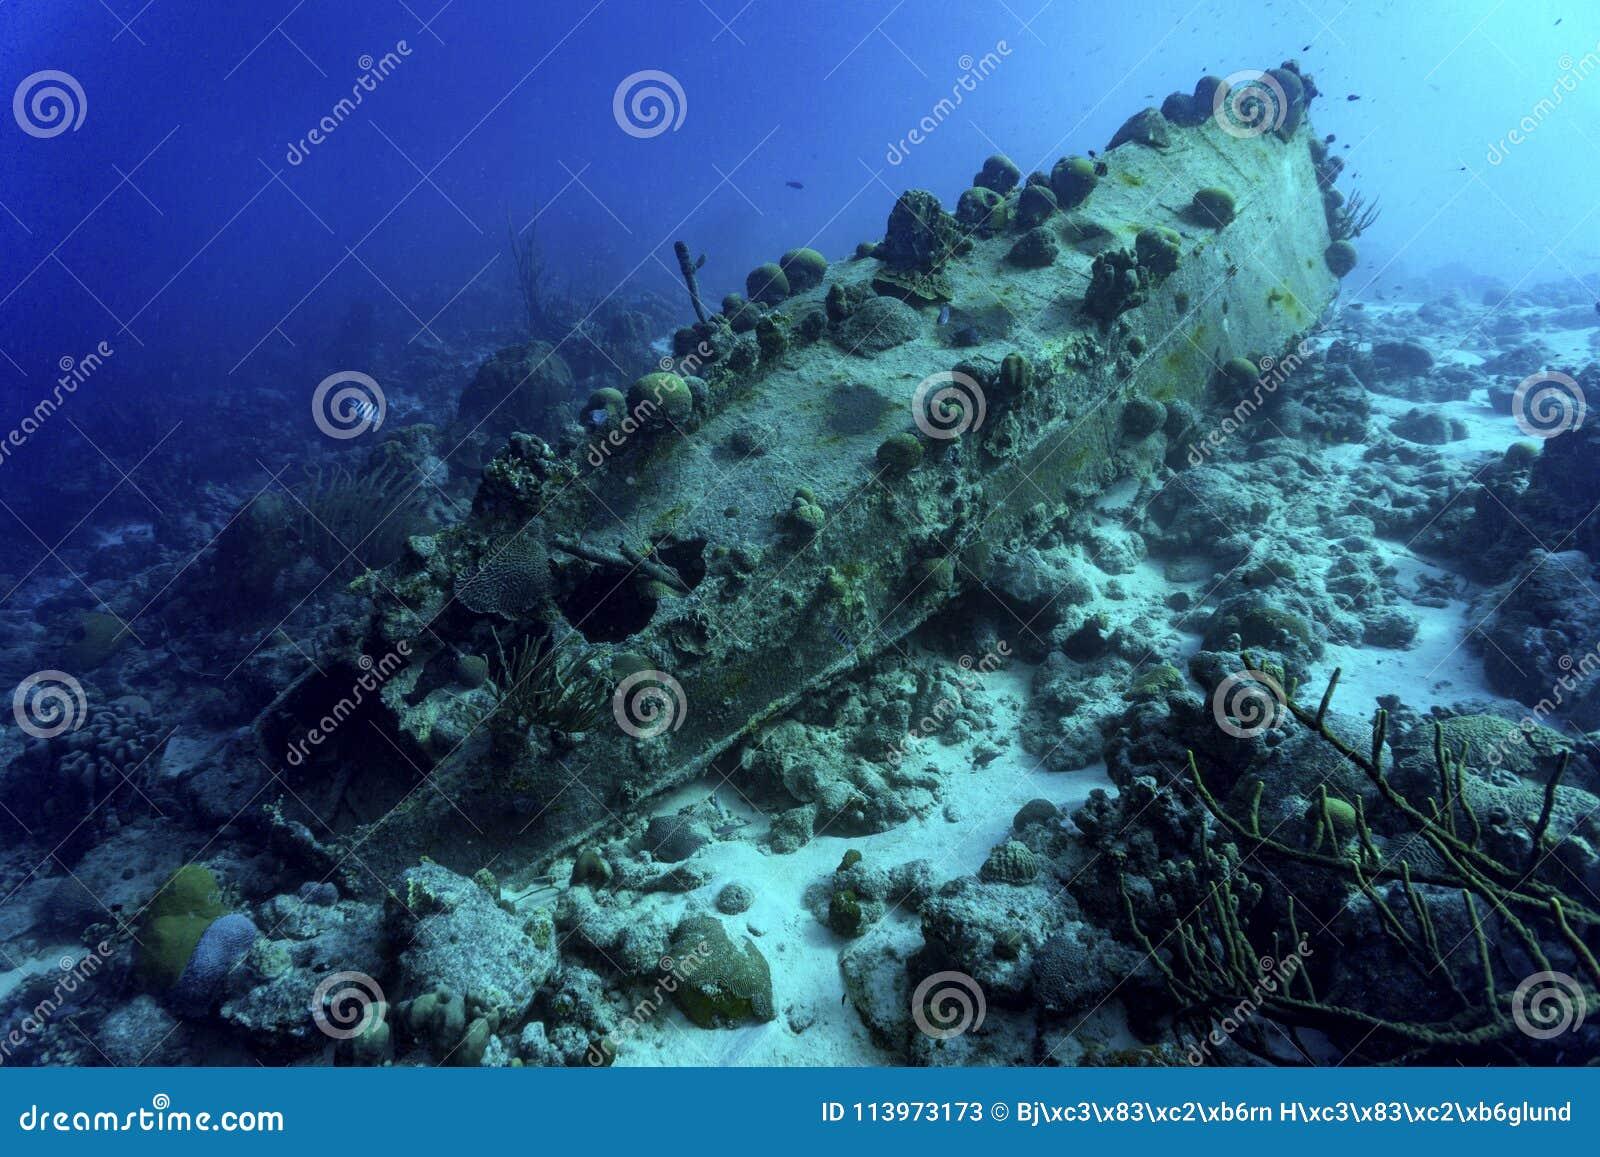 Sjunket skepp med korall